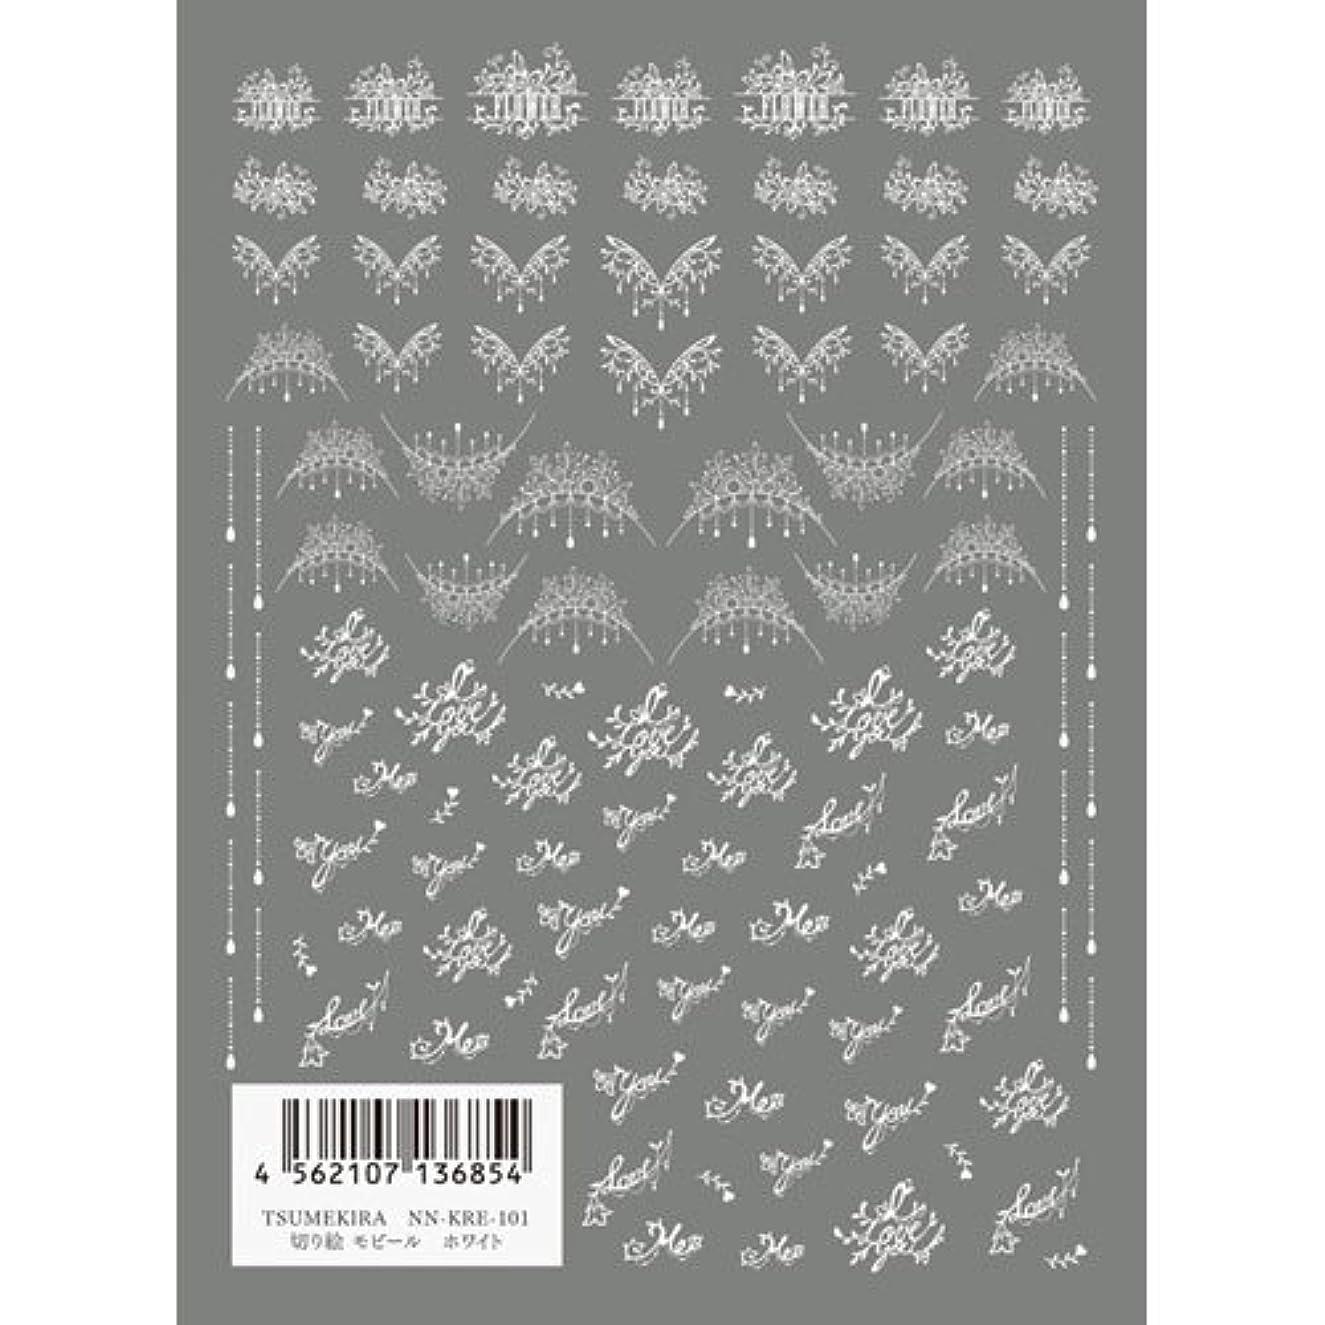 急速なまだアーチツメキラ(TSUMEKIRA) ネイル用シール 切り絵 モビール ホワイト NN-KRE-101